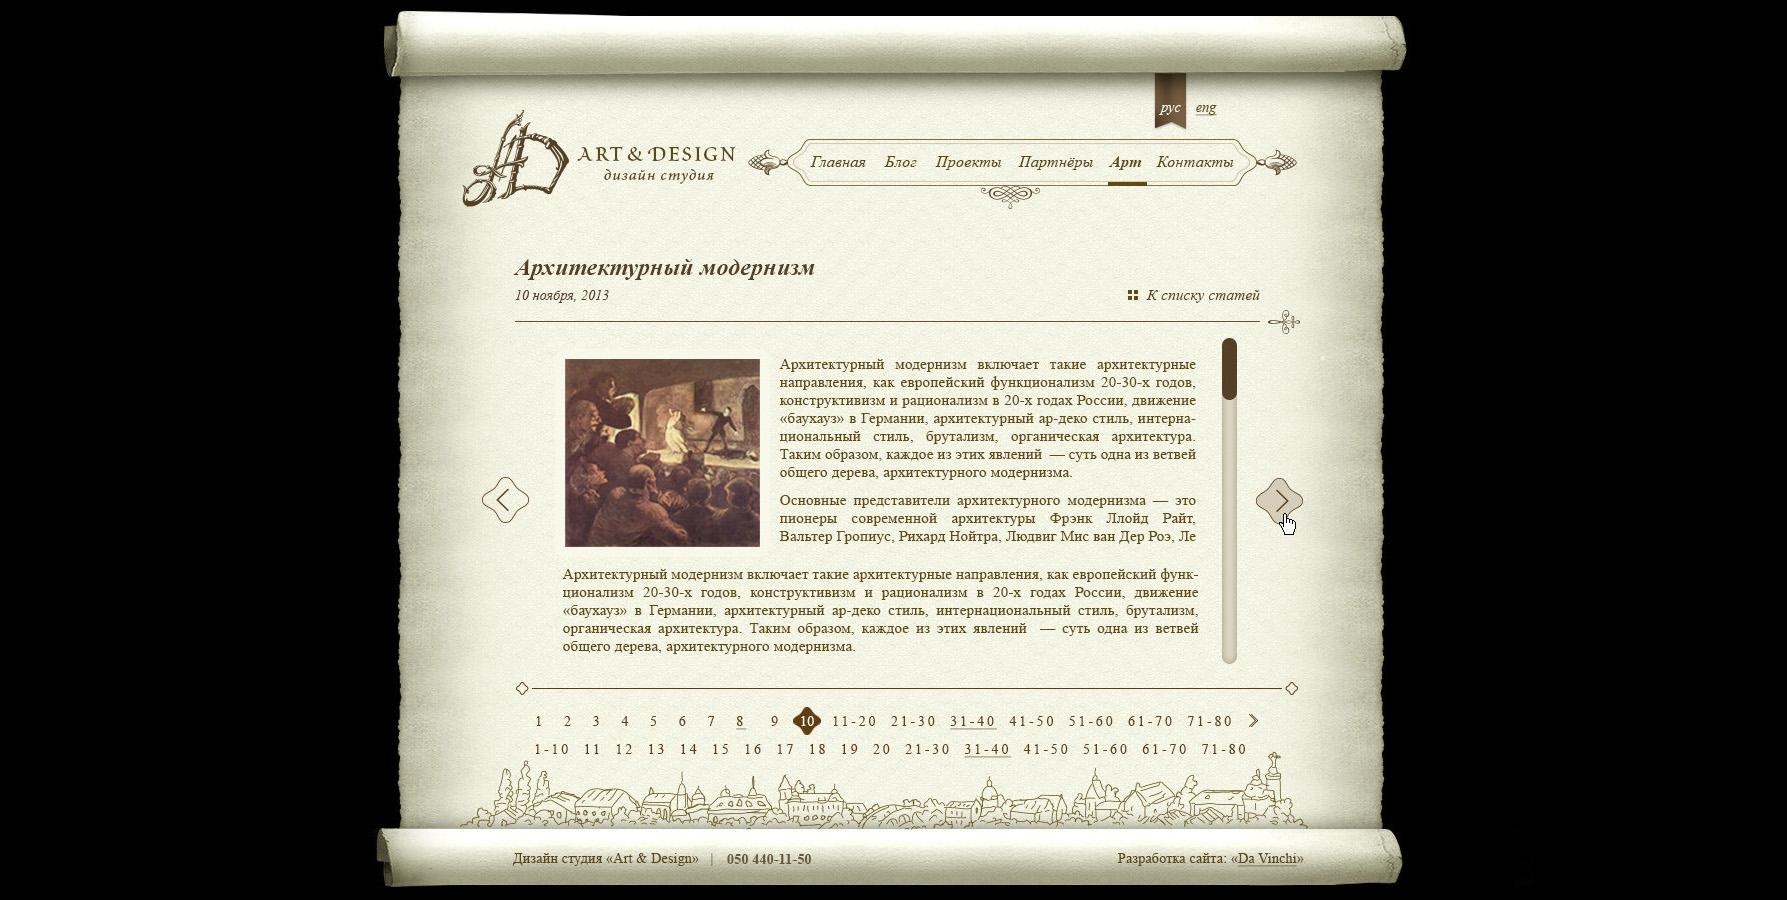 Дизайн сайта студии архитектурного дизайна, Architect studio site design